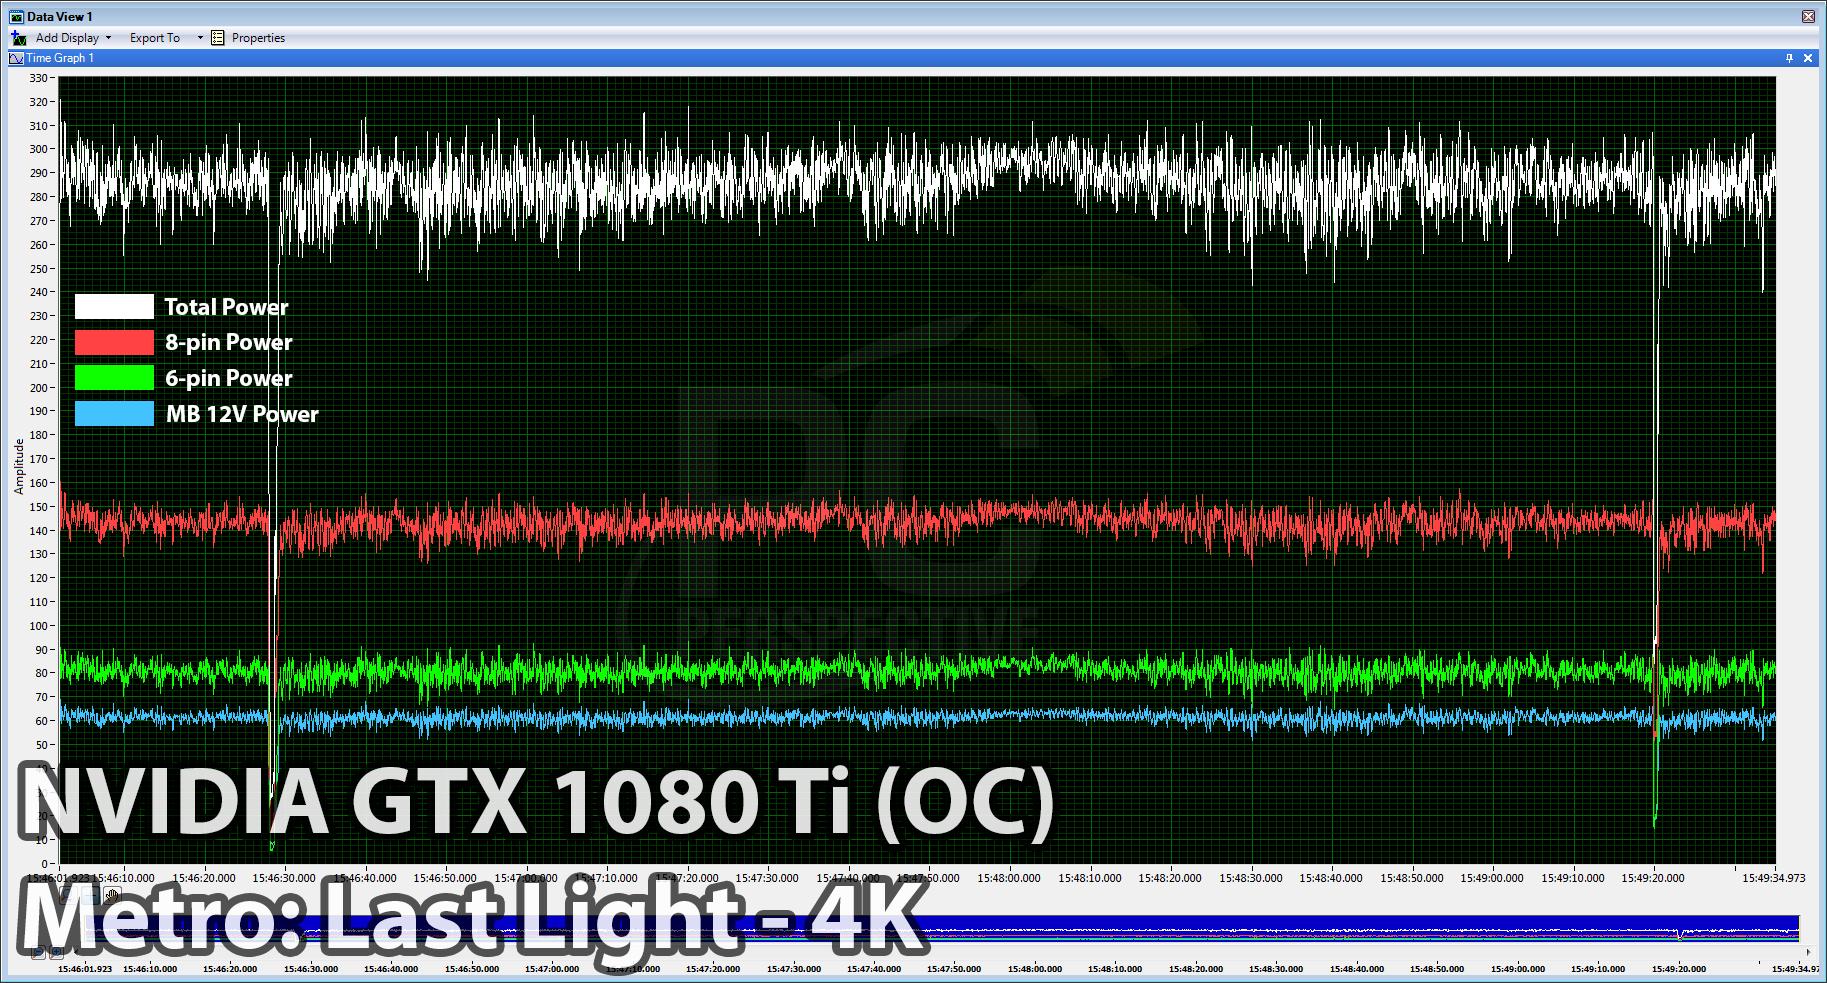 detaliedpower-metro4k-oc.png